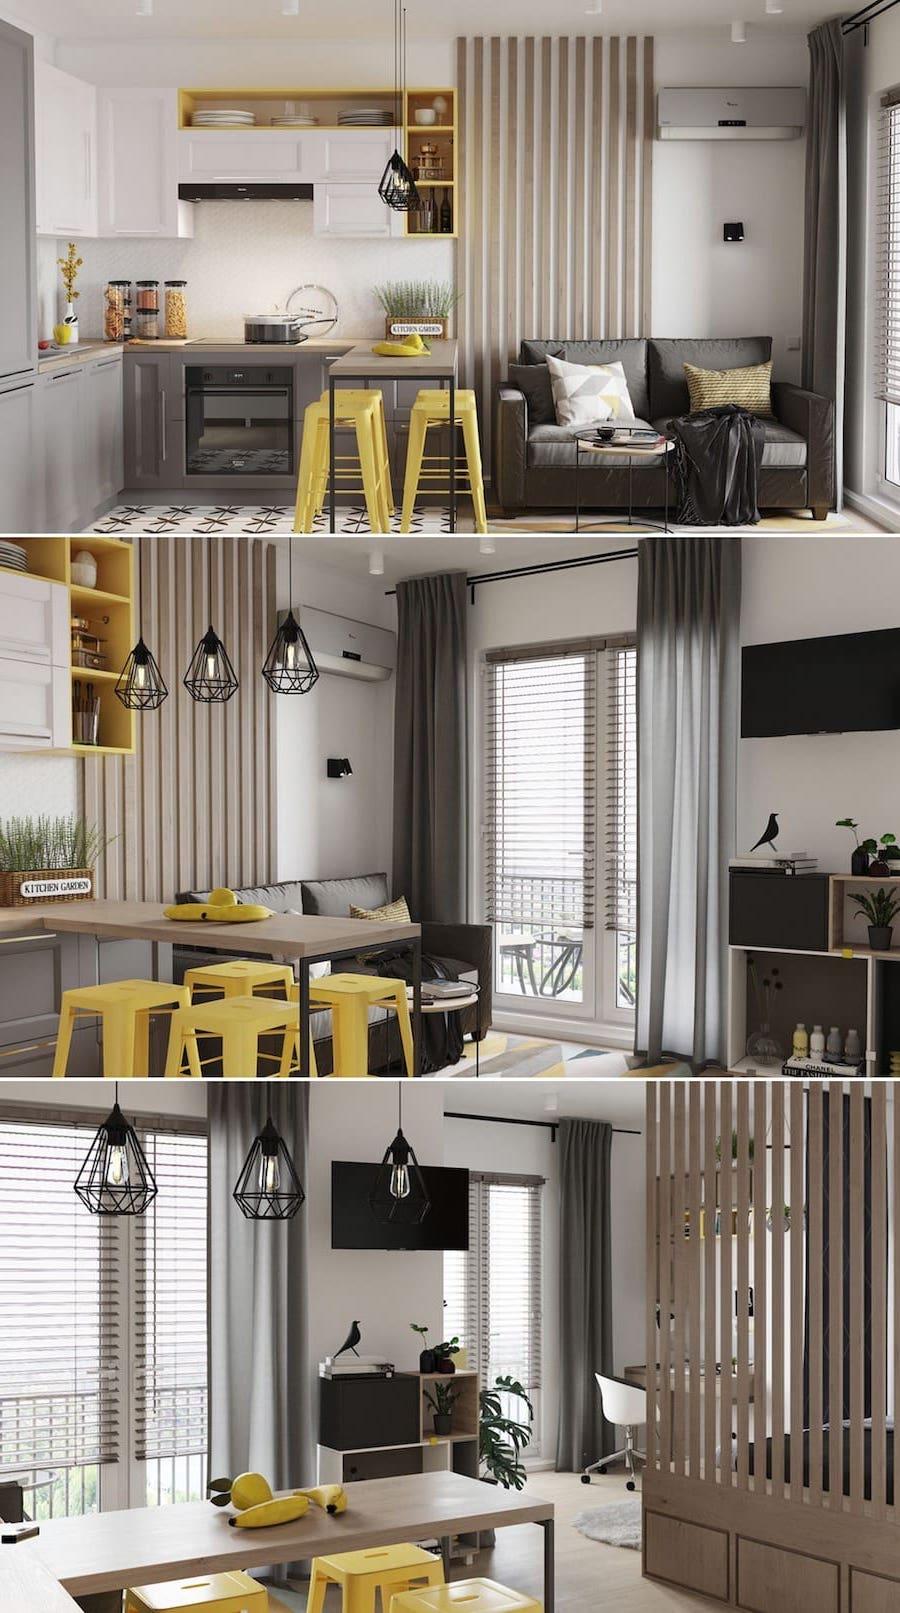 conception d'un petit appartement photo 3